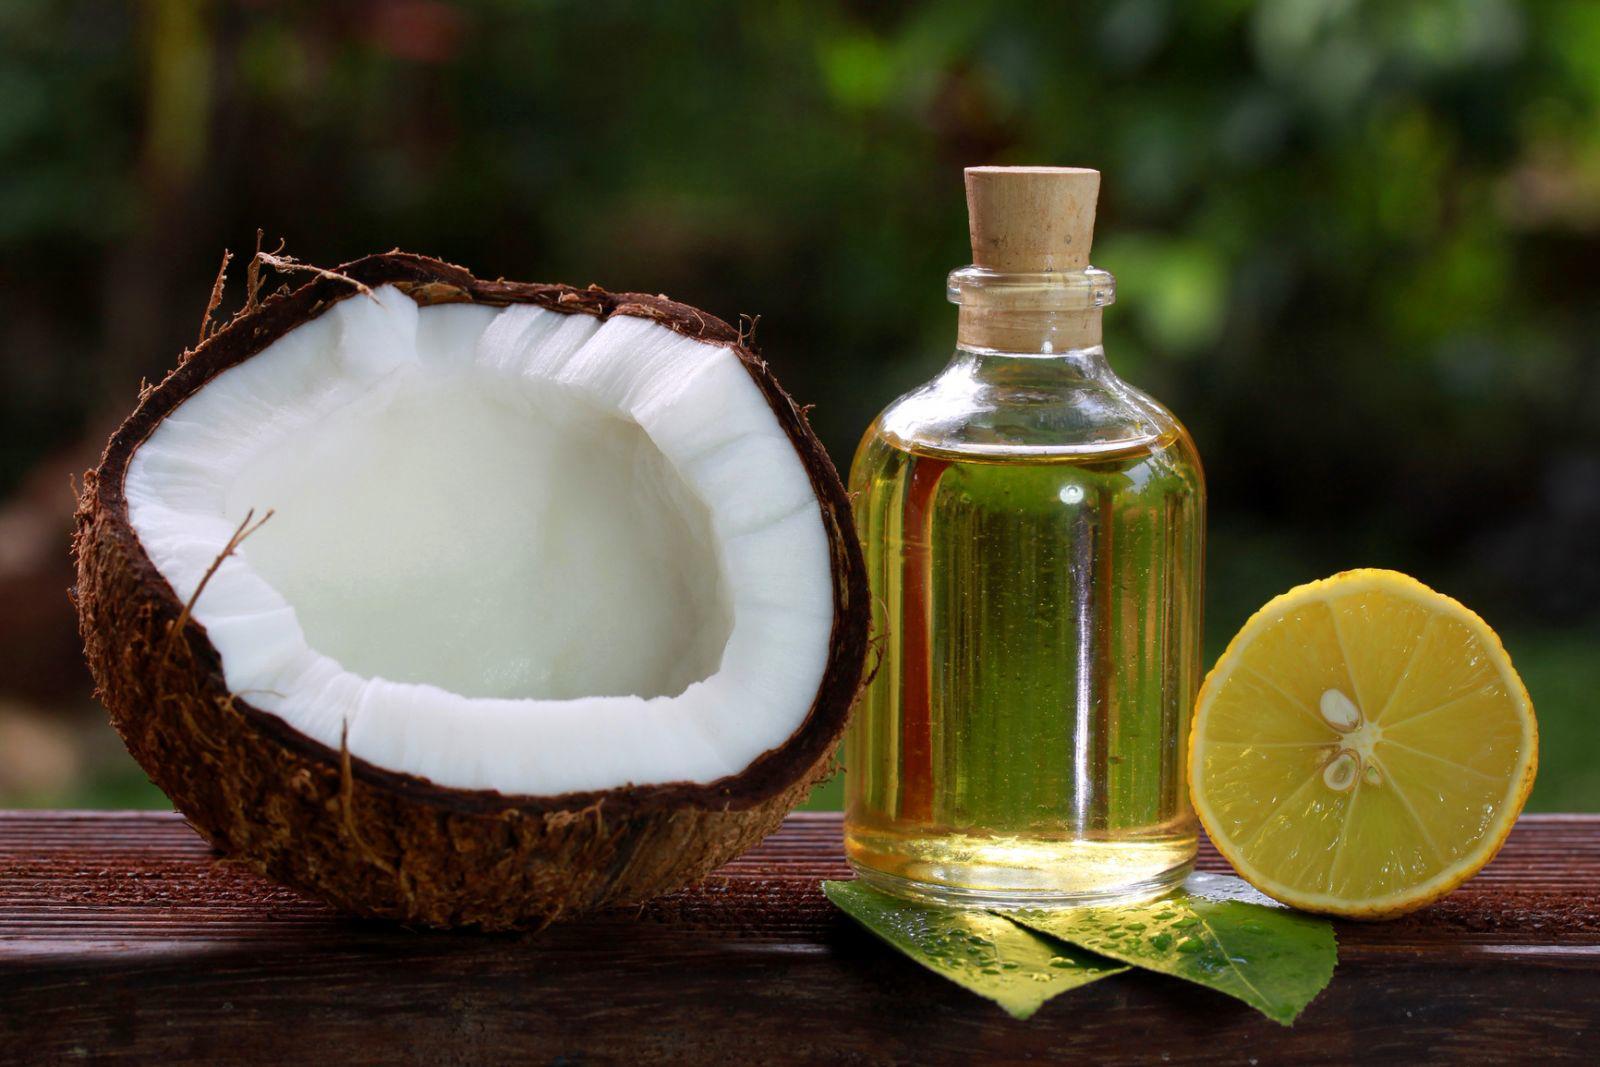 Bộ 3 cách làm hồng vùng kín bằng dầu dừa siêu đơn giản - Ảnh 4